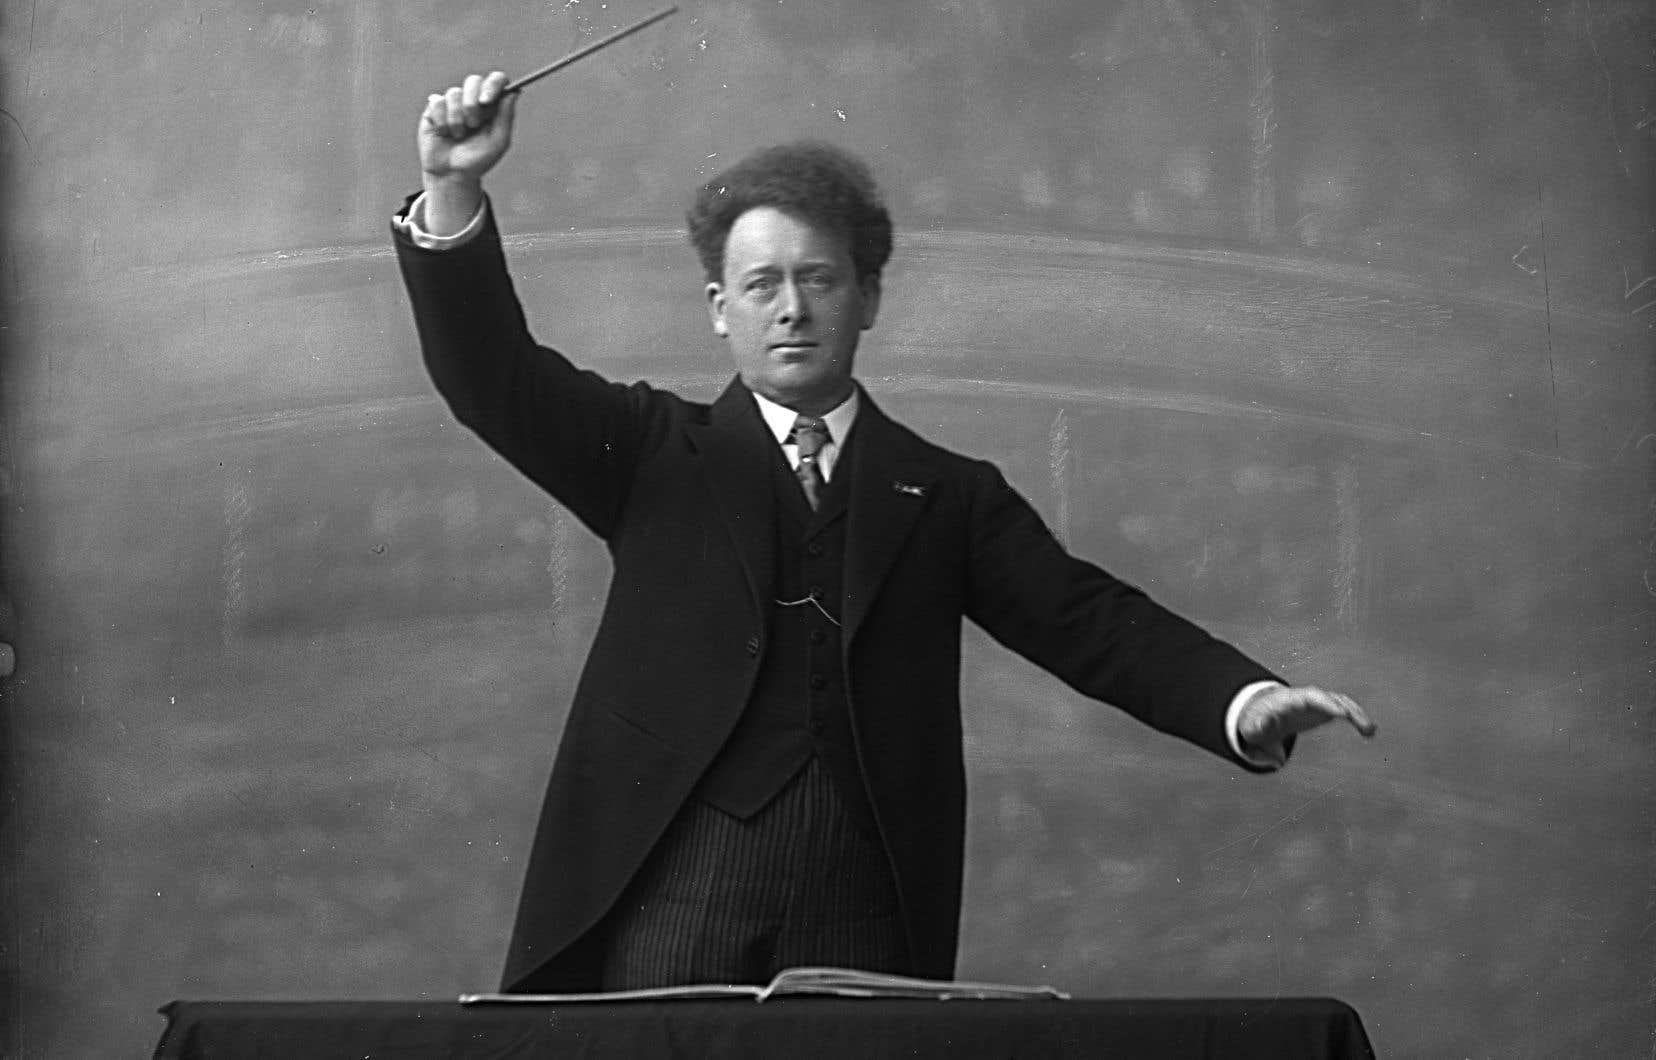 Willem Mengelberg, chef hyperexpressif d'Amsterdam, était l'une des légendes de la direction d'orchestre d'avant-guerre. Le voici en 1919.